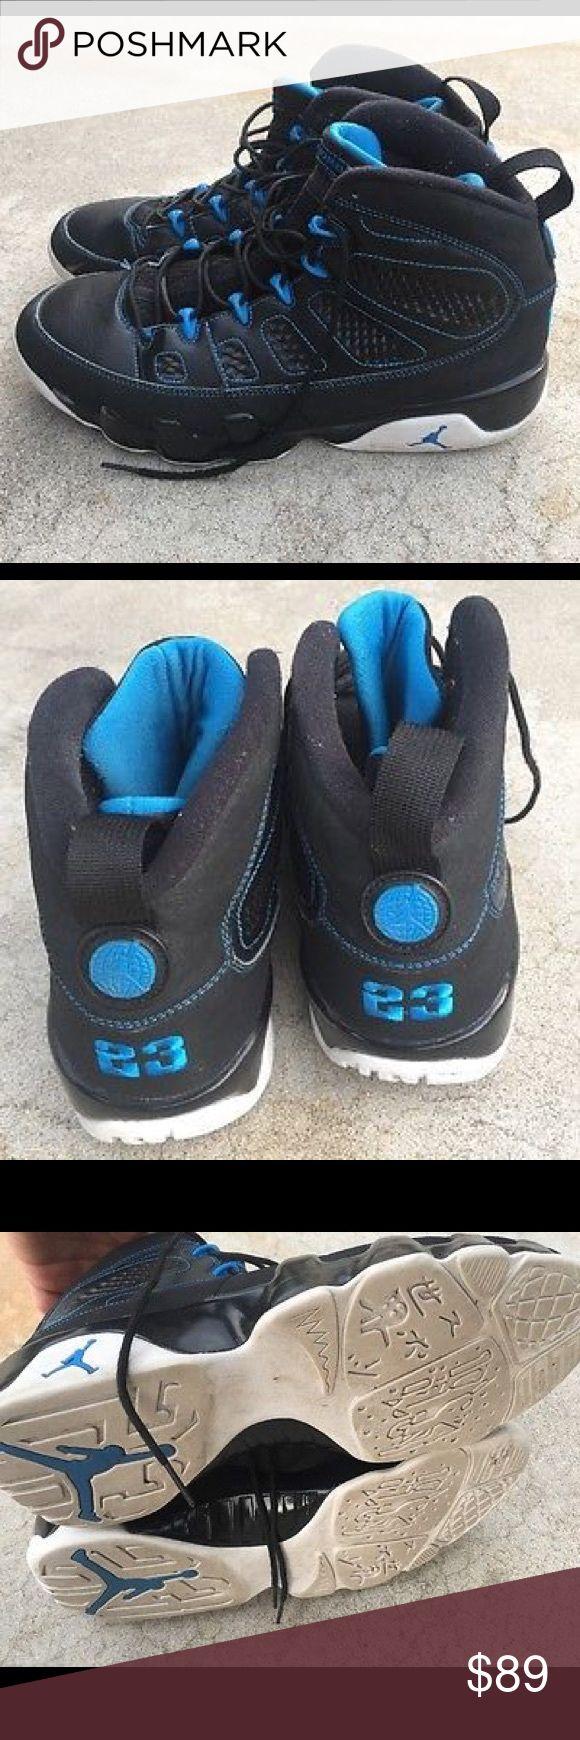 💥 AIR JORDAN RETRO 9 XI BASKETBALL MENS SNEAKERS AIR JORDAN RETRO 9  MENS SNEAKER SHOES. SIZE: 12 Preowned. No box. Sold as is Jordan Shoes Sneakers